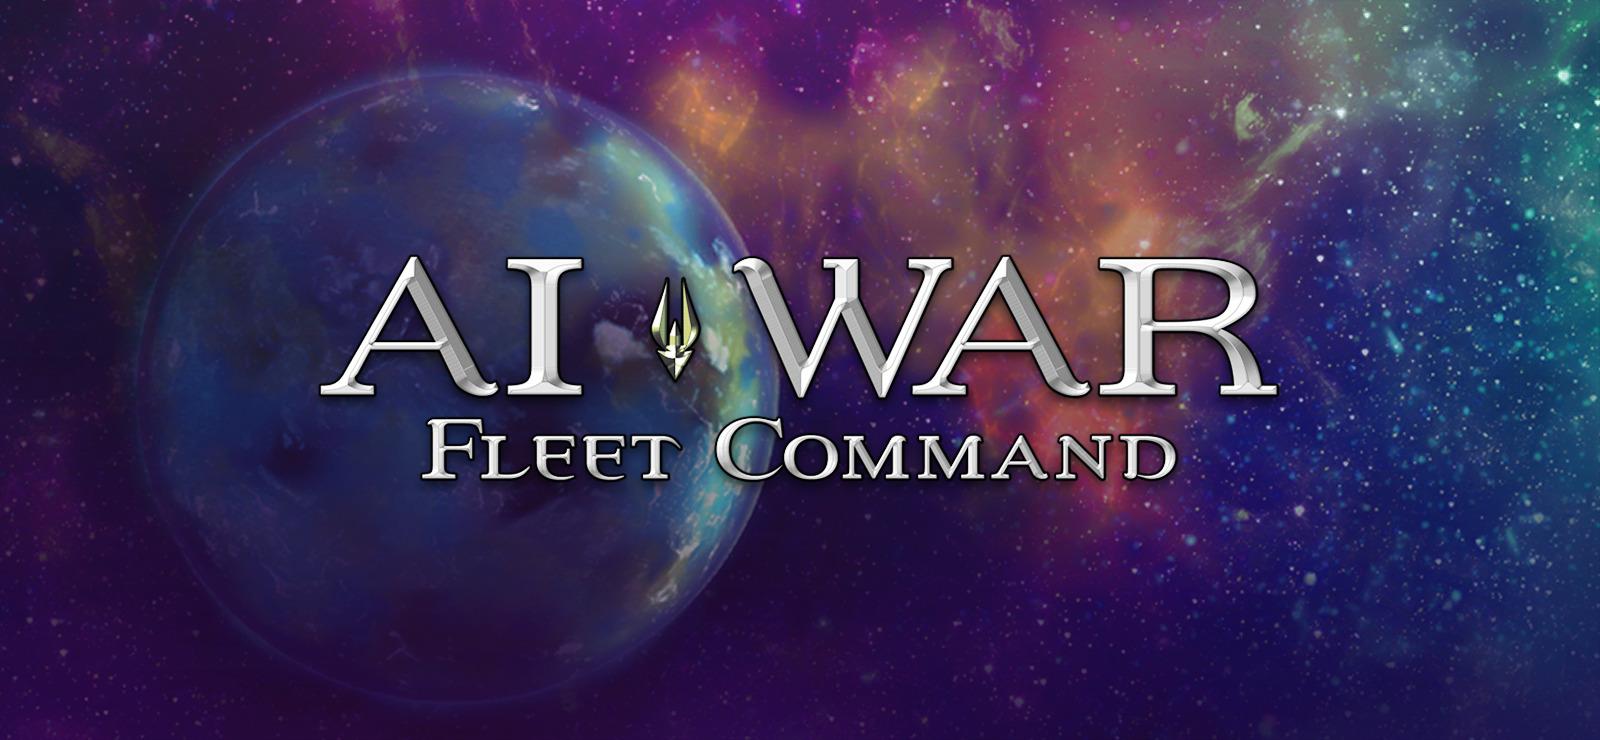 Ai War ai war: fleet command